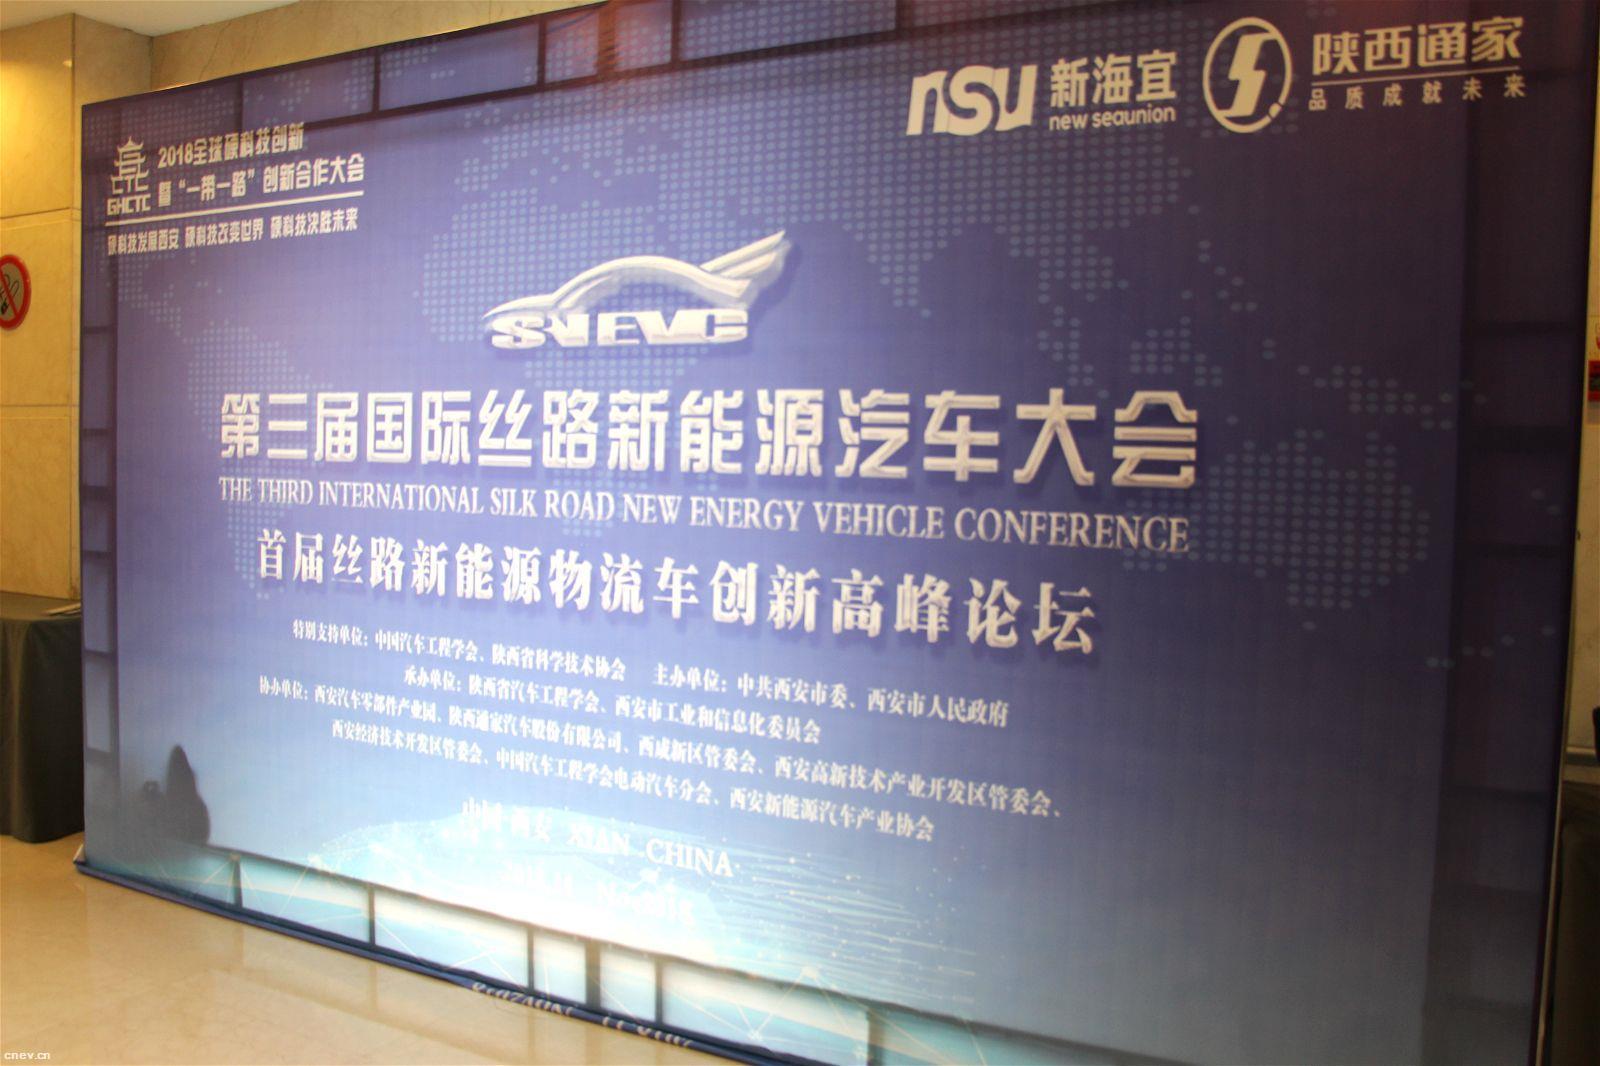 第三届国际丝路新能源汽车大会:丝路汽车新机遇